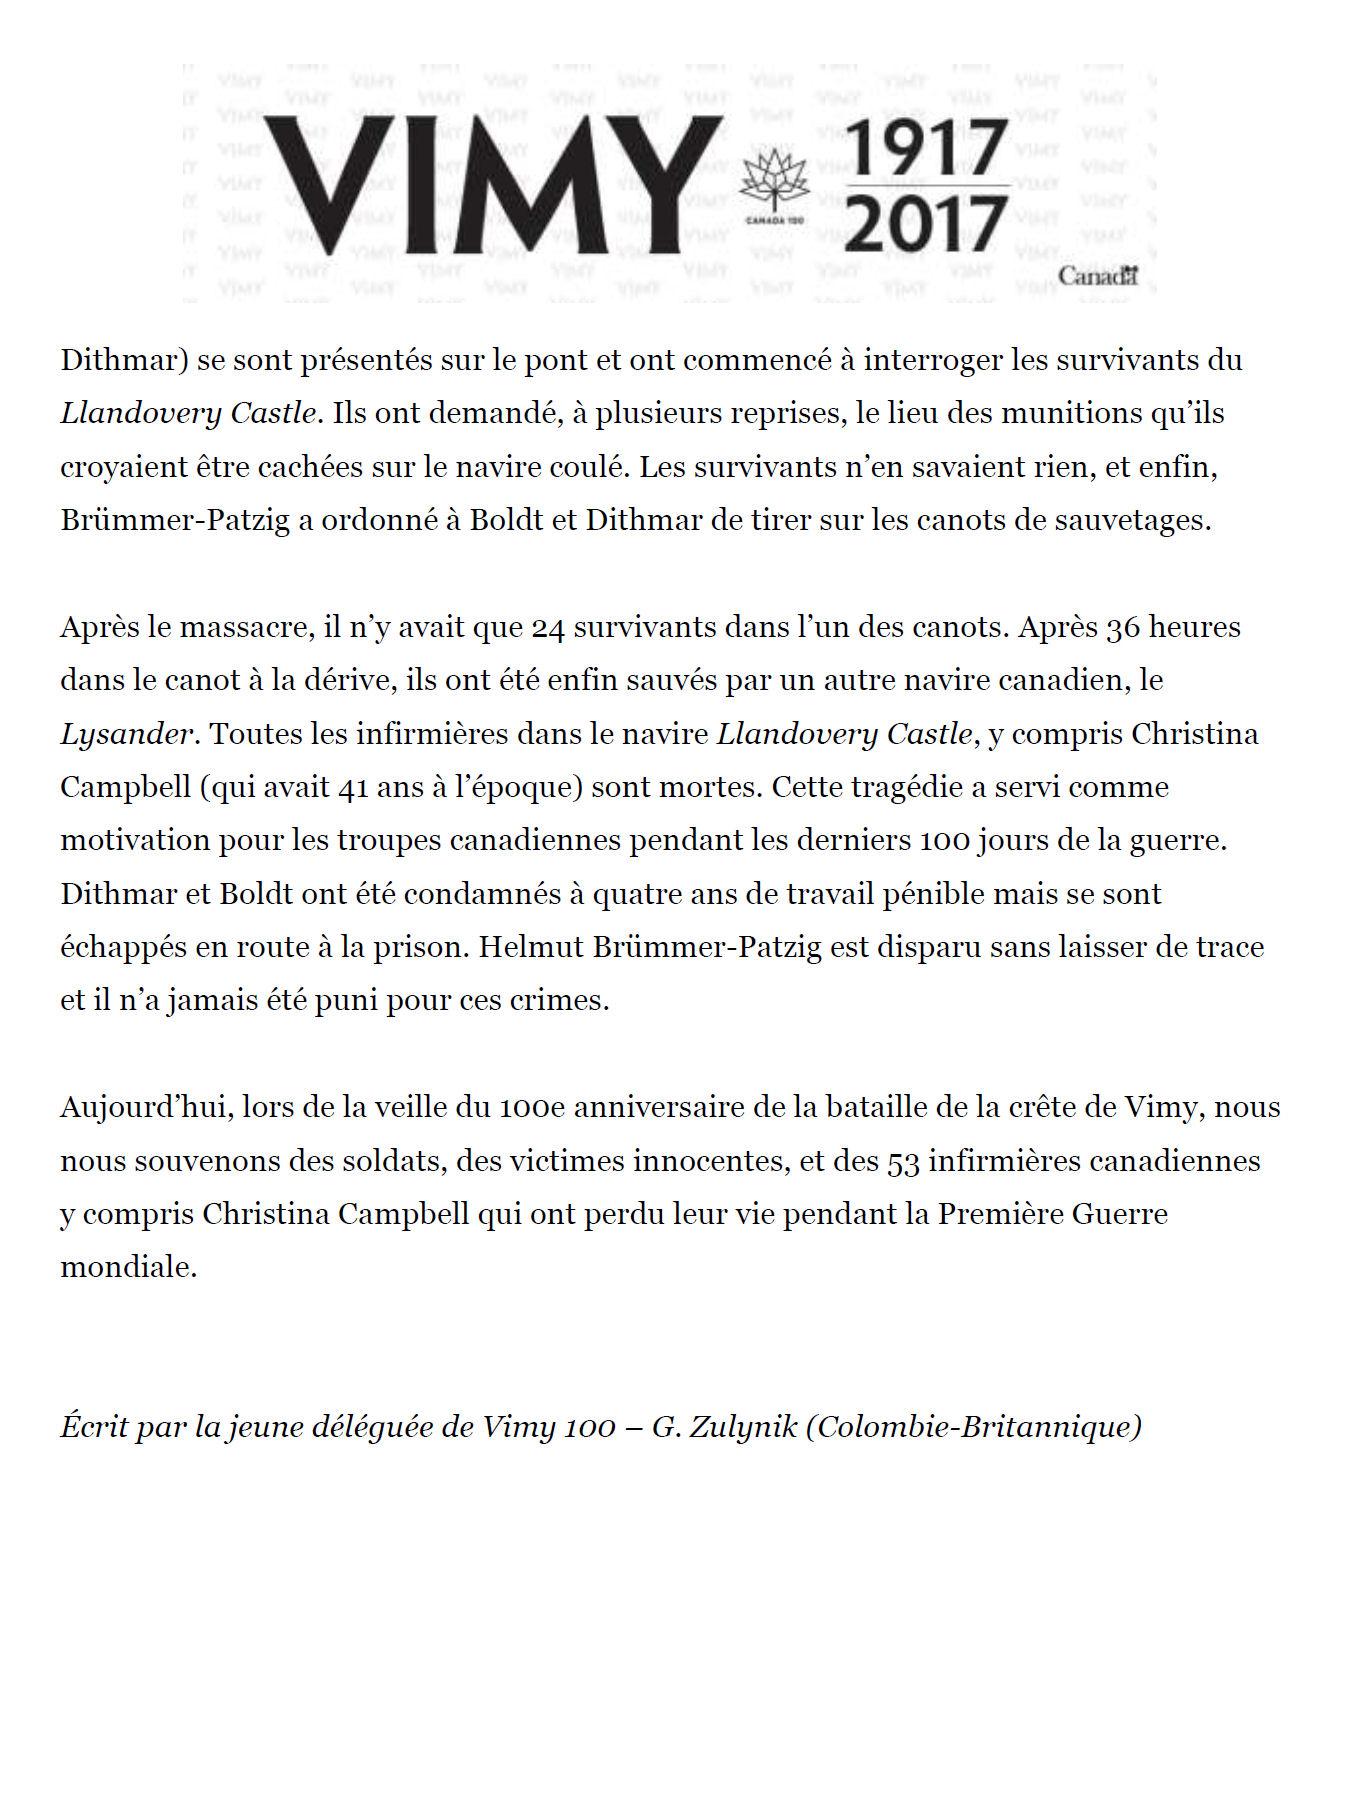 Essai (Page 7)